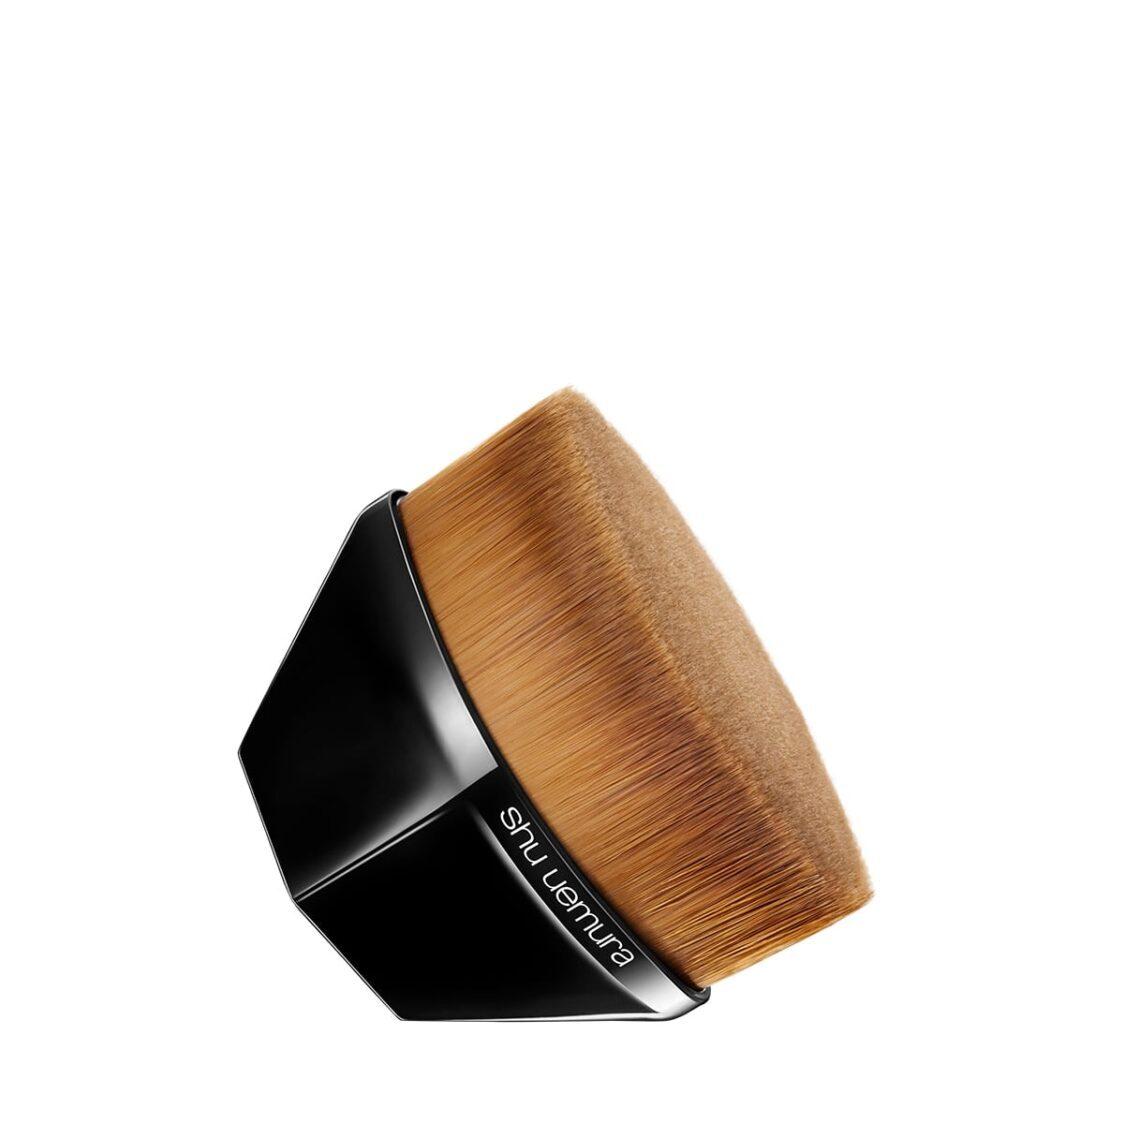 Shu Uemura Petal 55 Brush